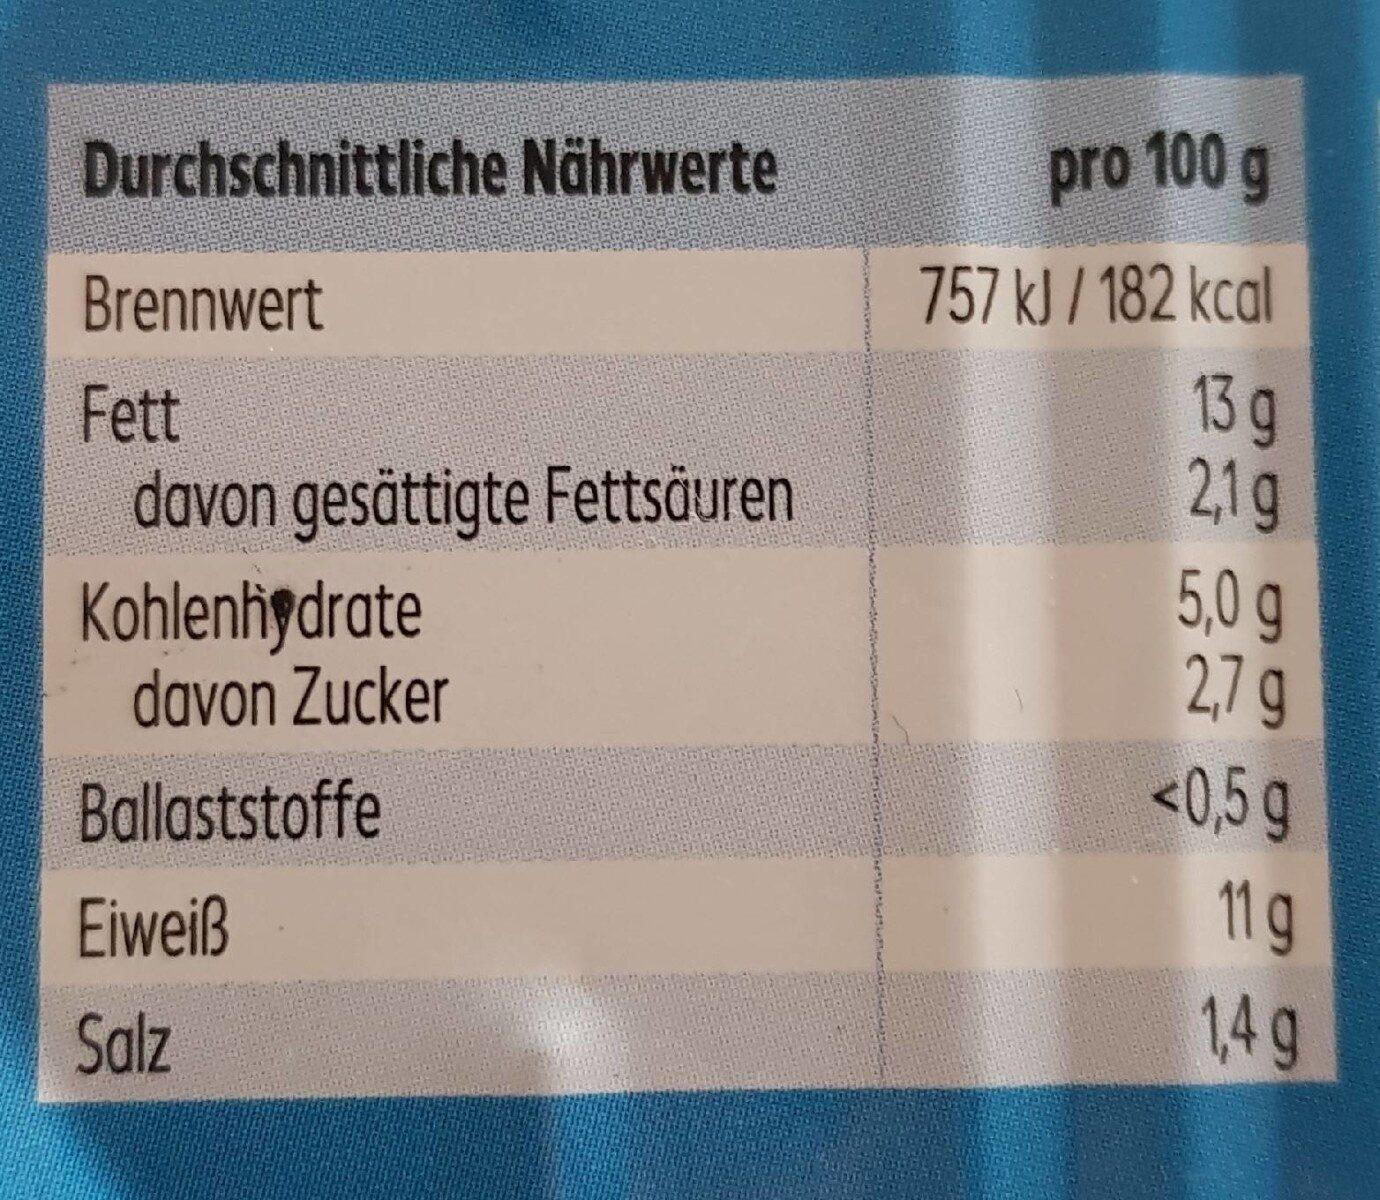 Herringsfilets in Tomaten-Sauce - Nährwertangaben - de